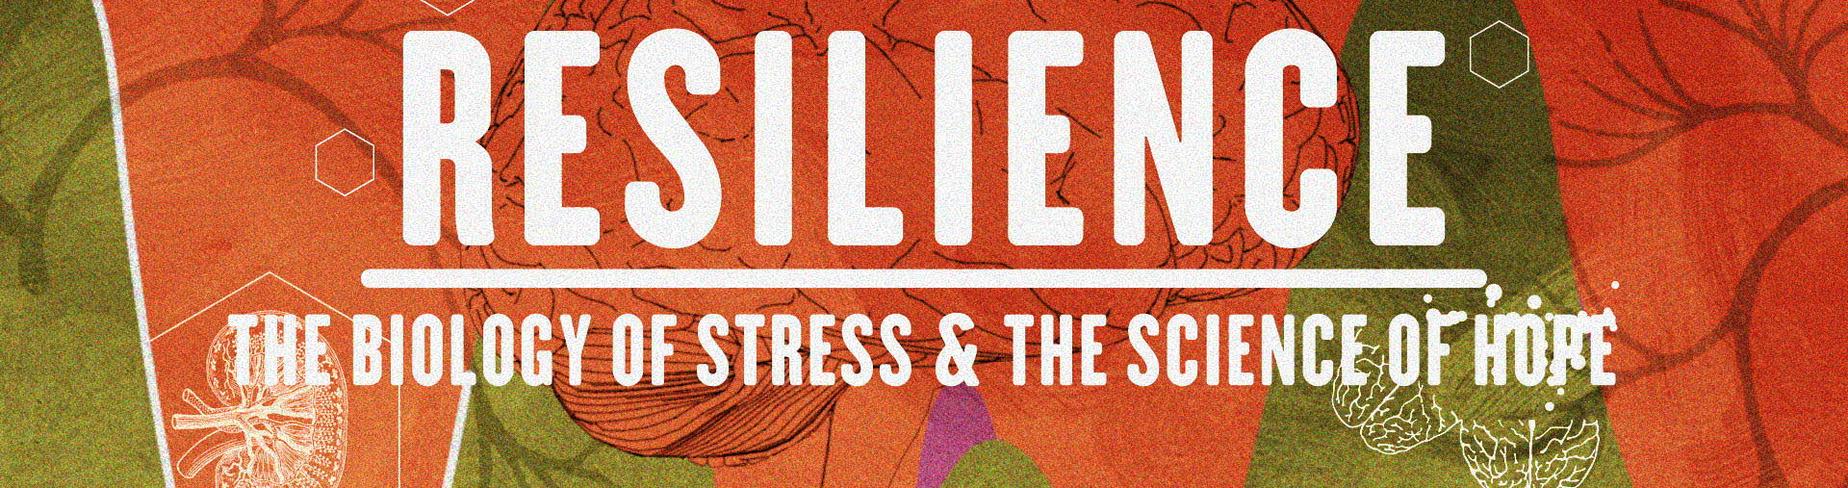 Resilience Film Screenings